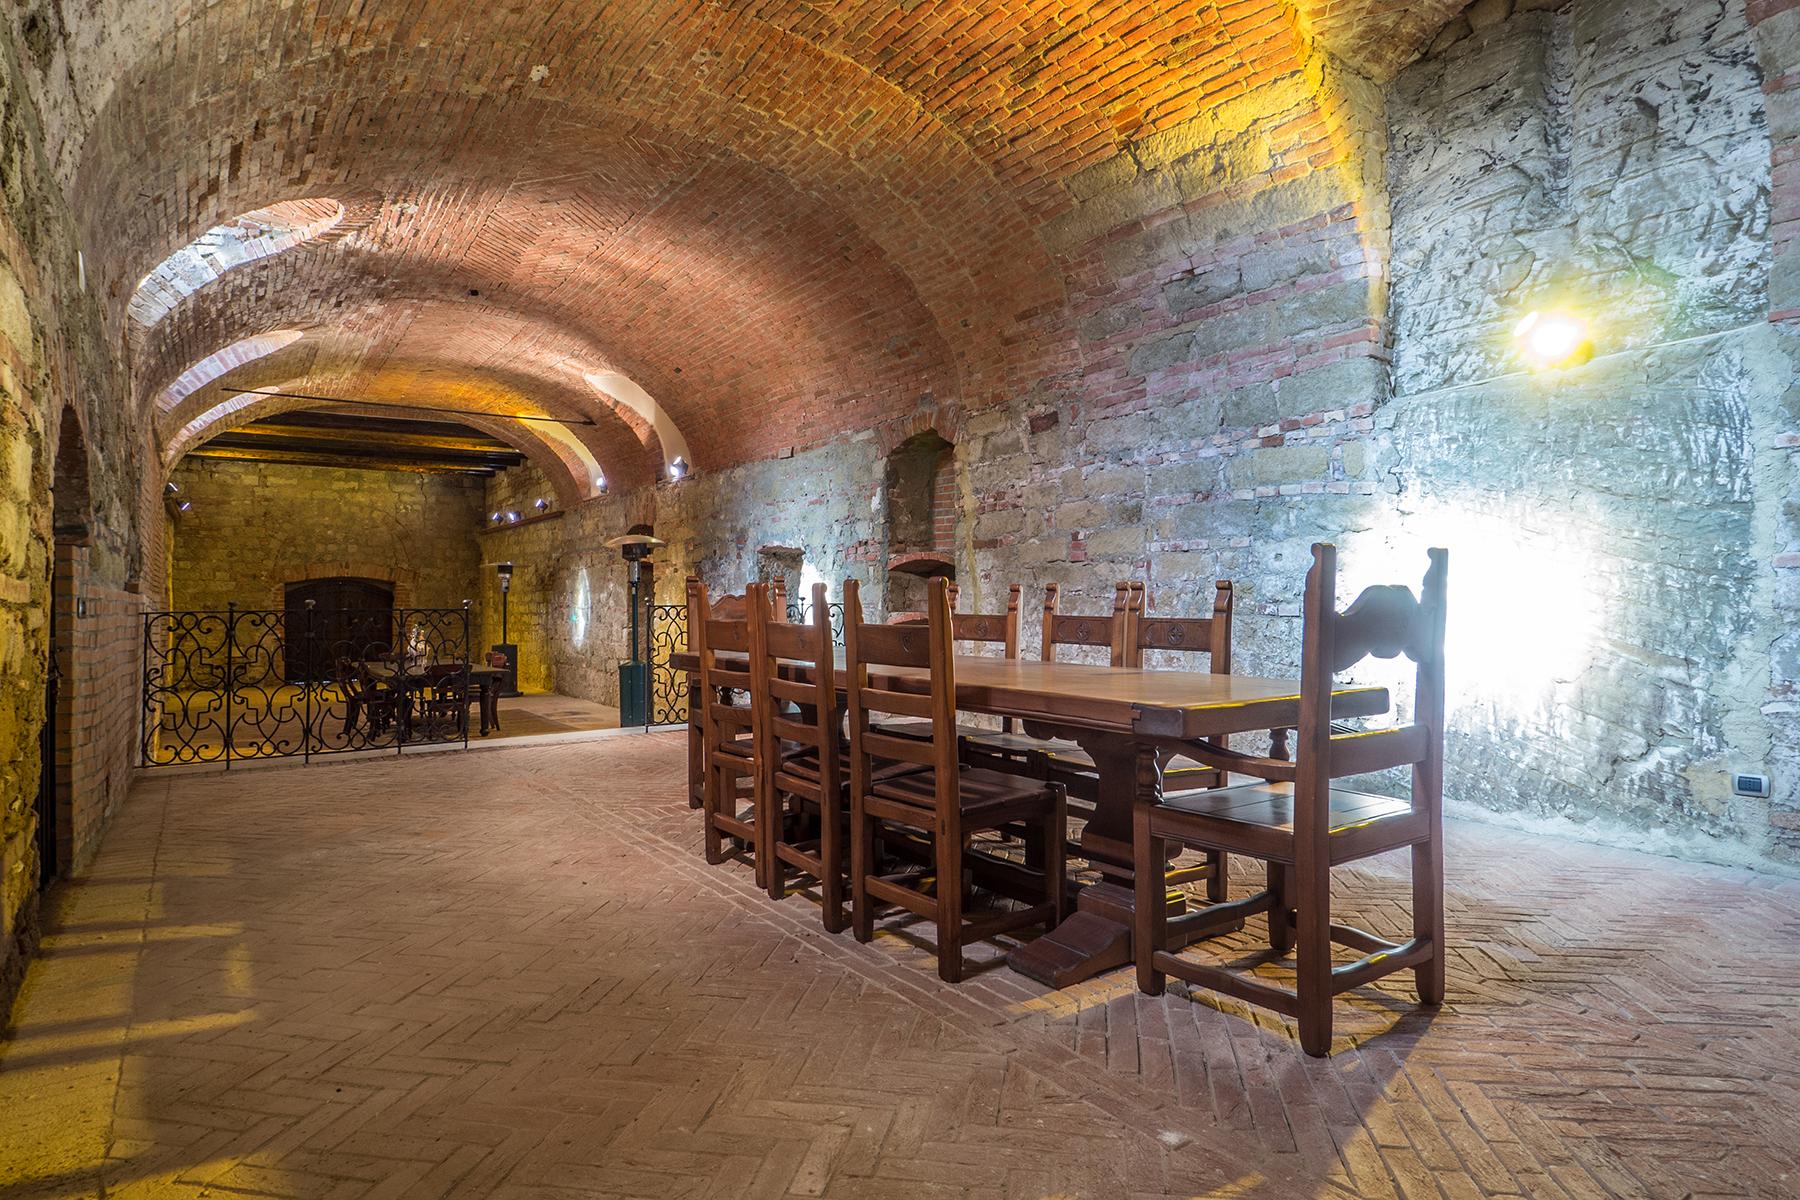 Rustico in Vendita a Vignale Monferrato: 5 locali, 1400 mq - Foto 13